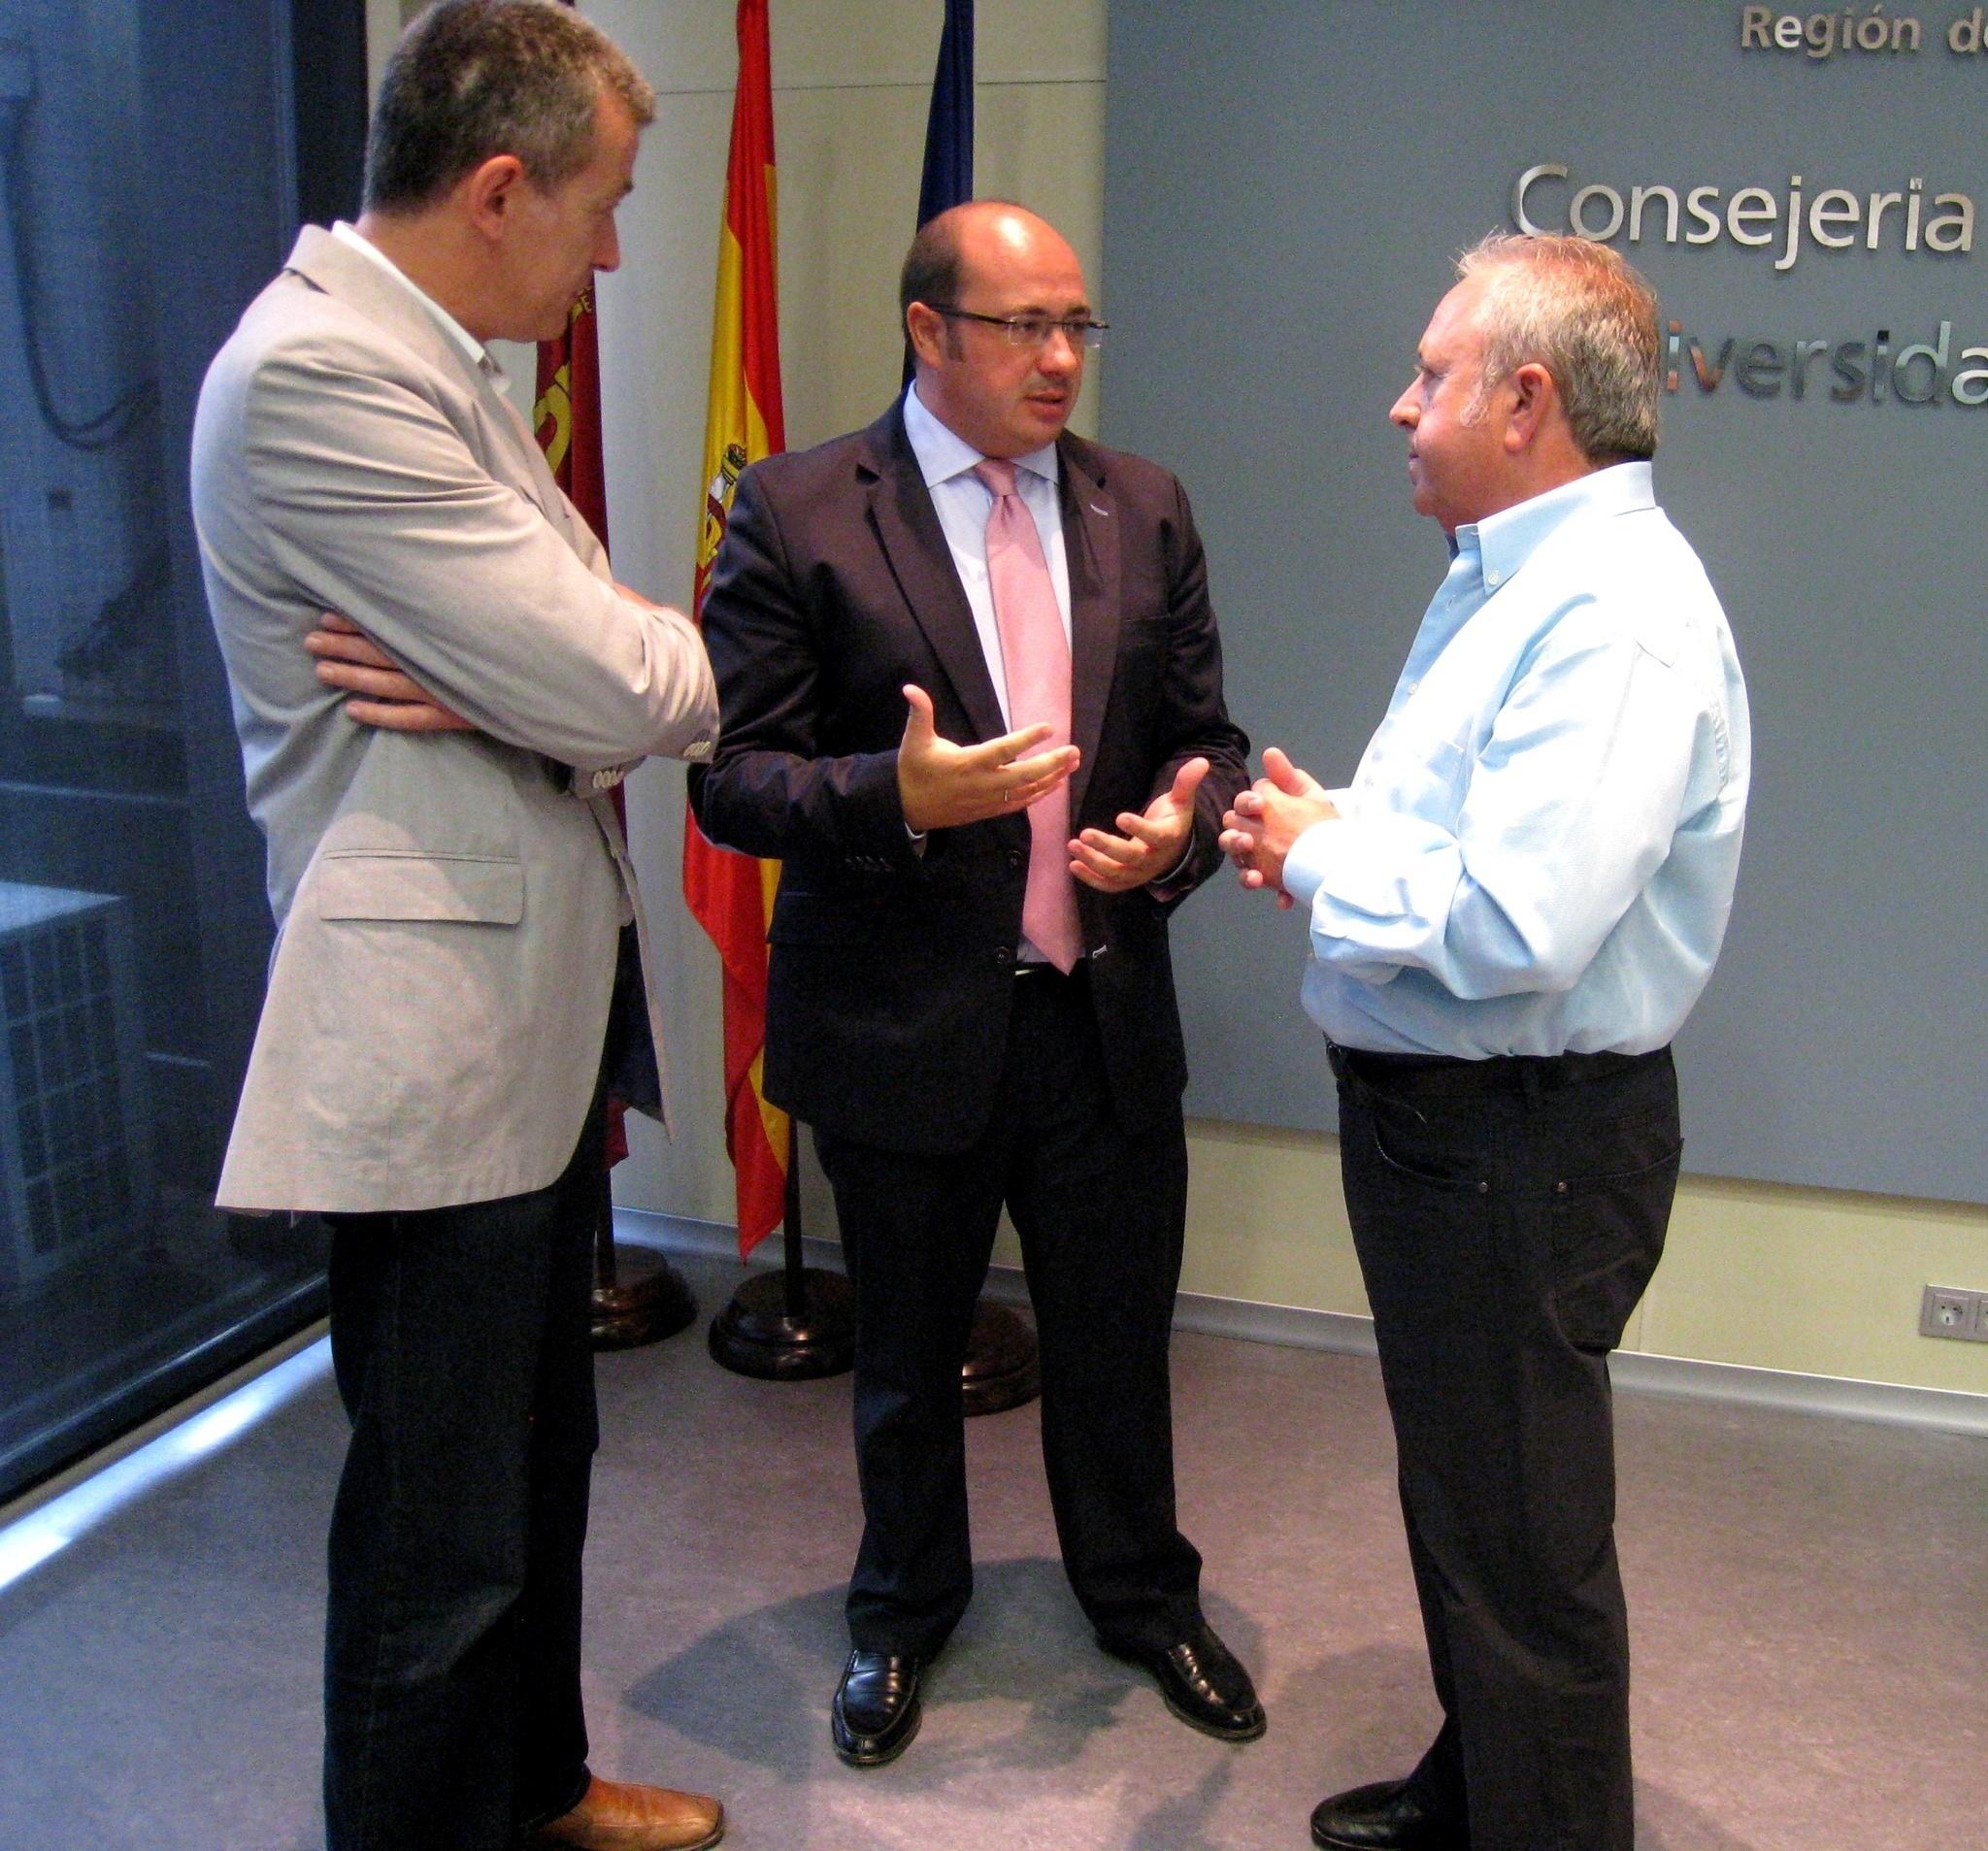 Sánchez y sindicatos abordan la lucha contra la economía irregular y establecen diálogo para medidas concretas